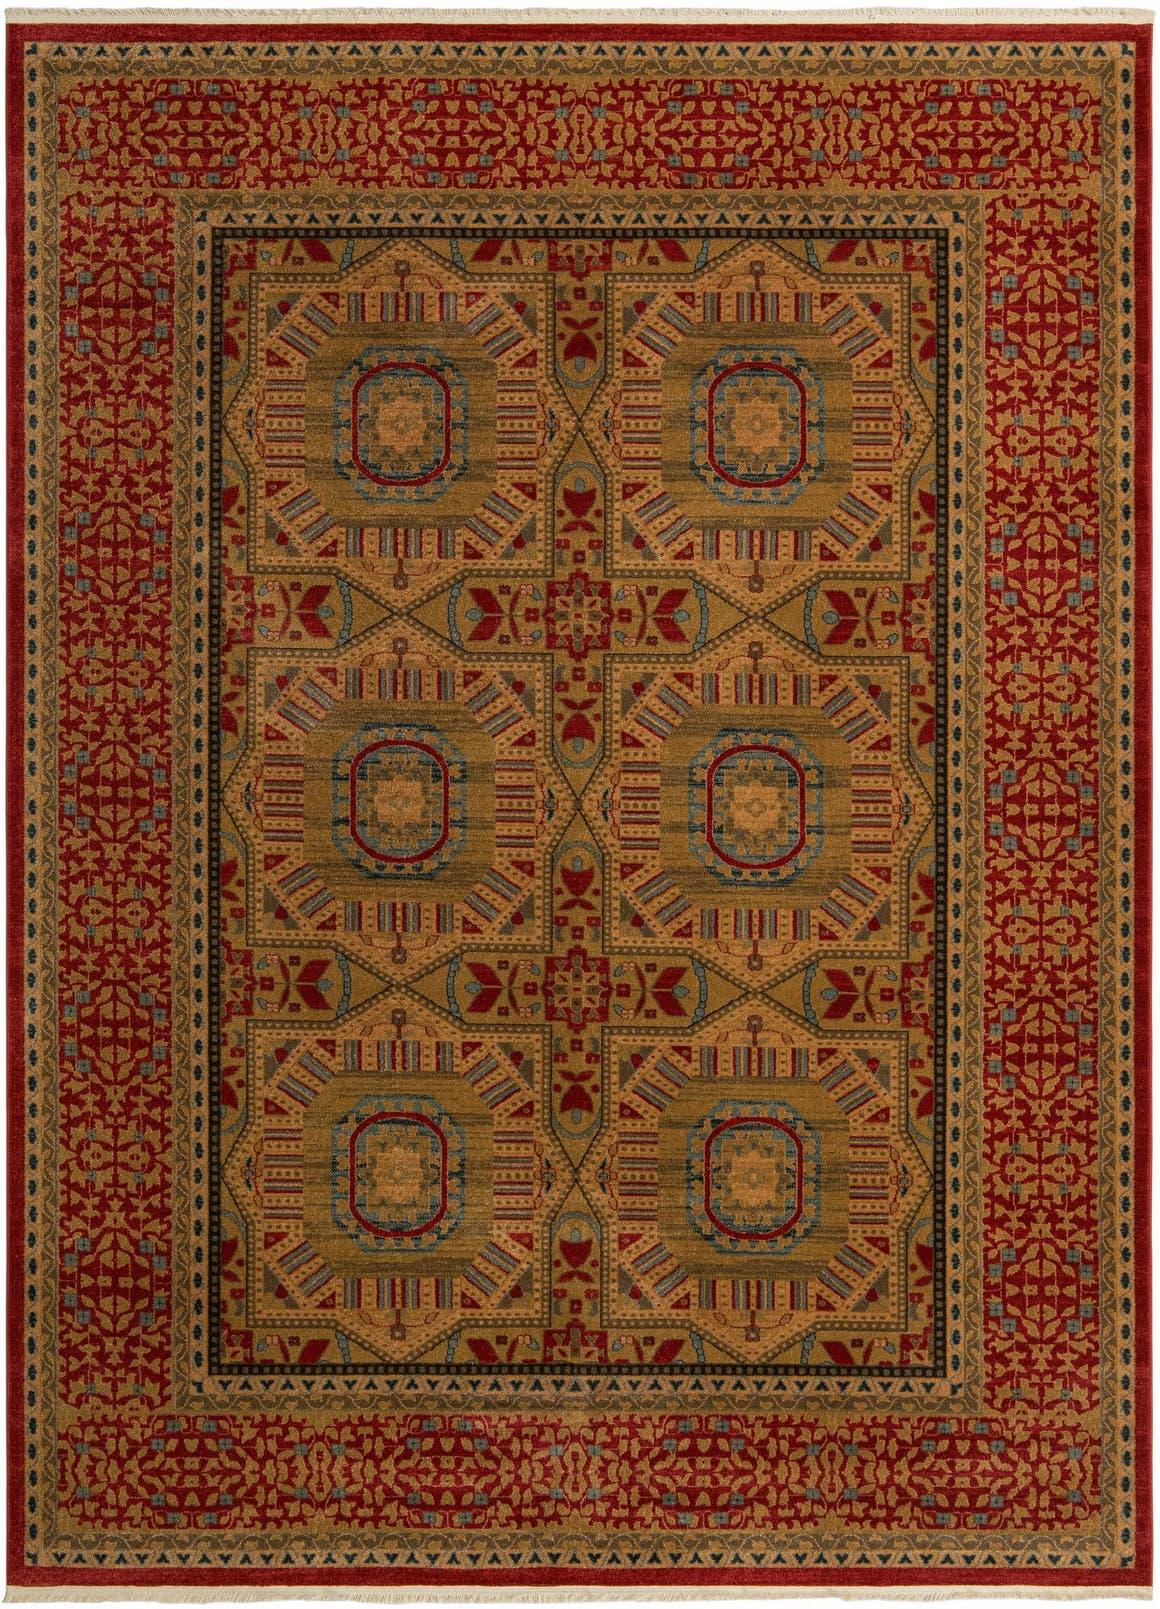 9' x 12' Mamluk Rug main image